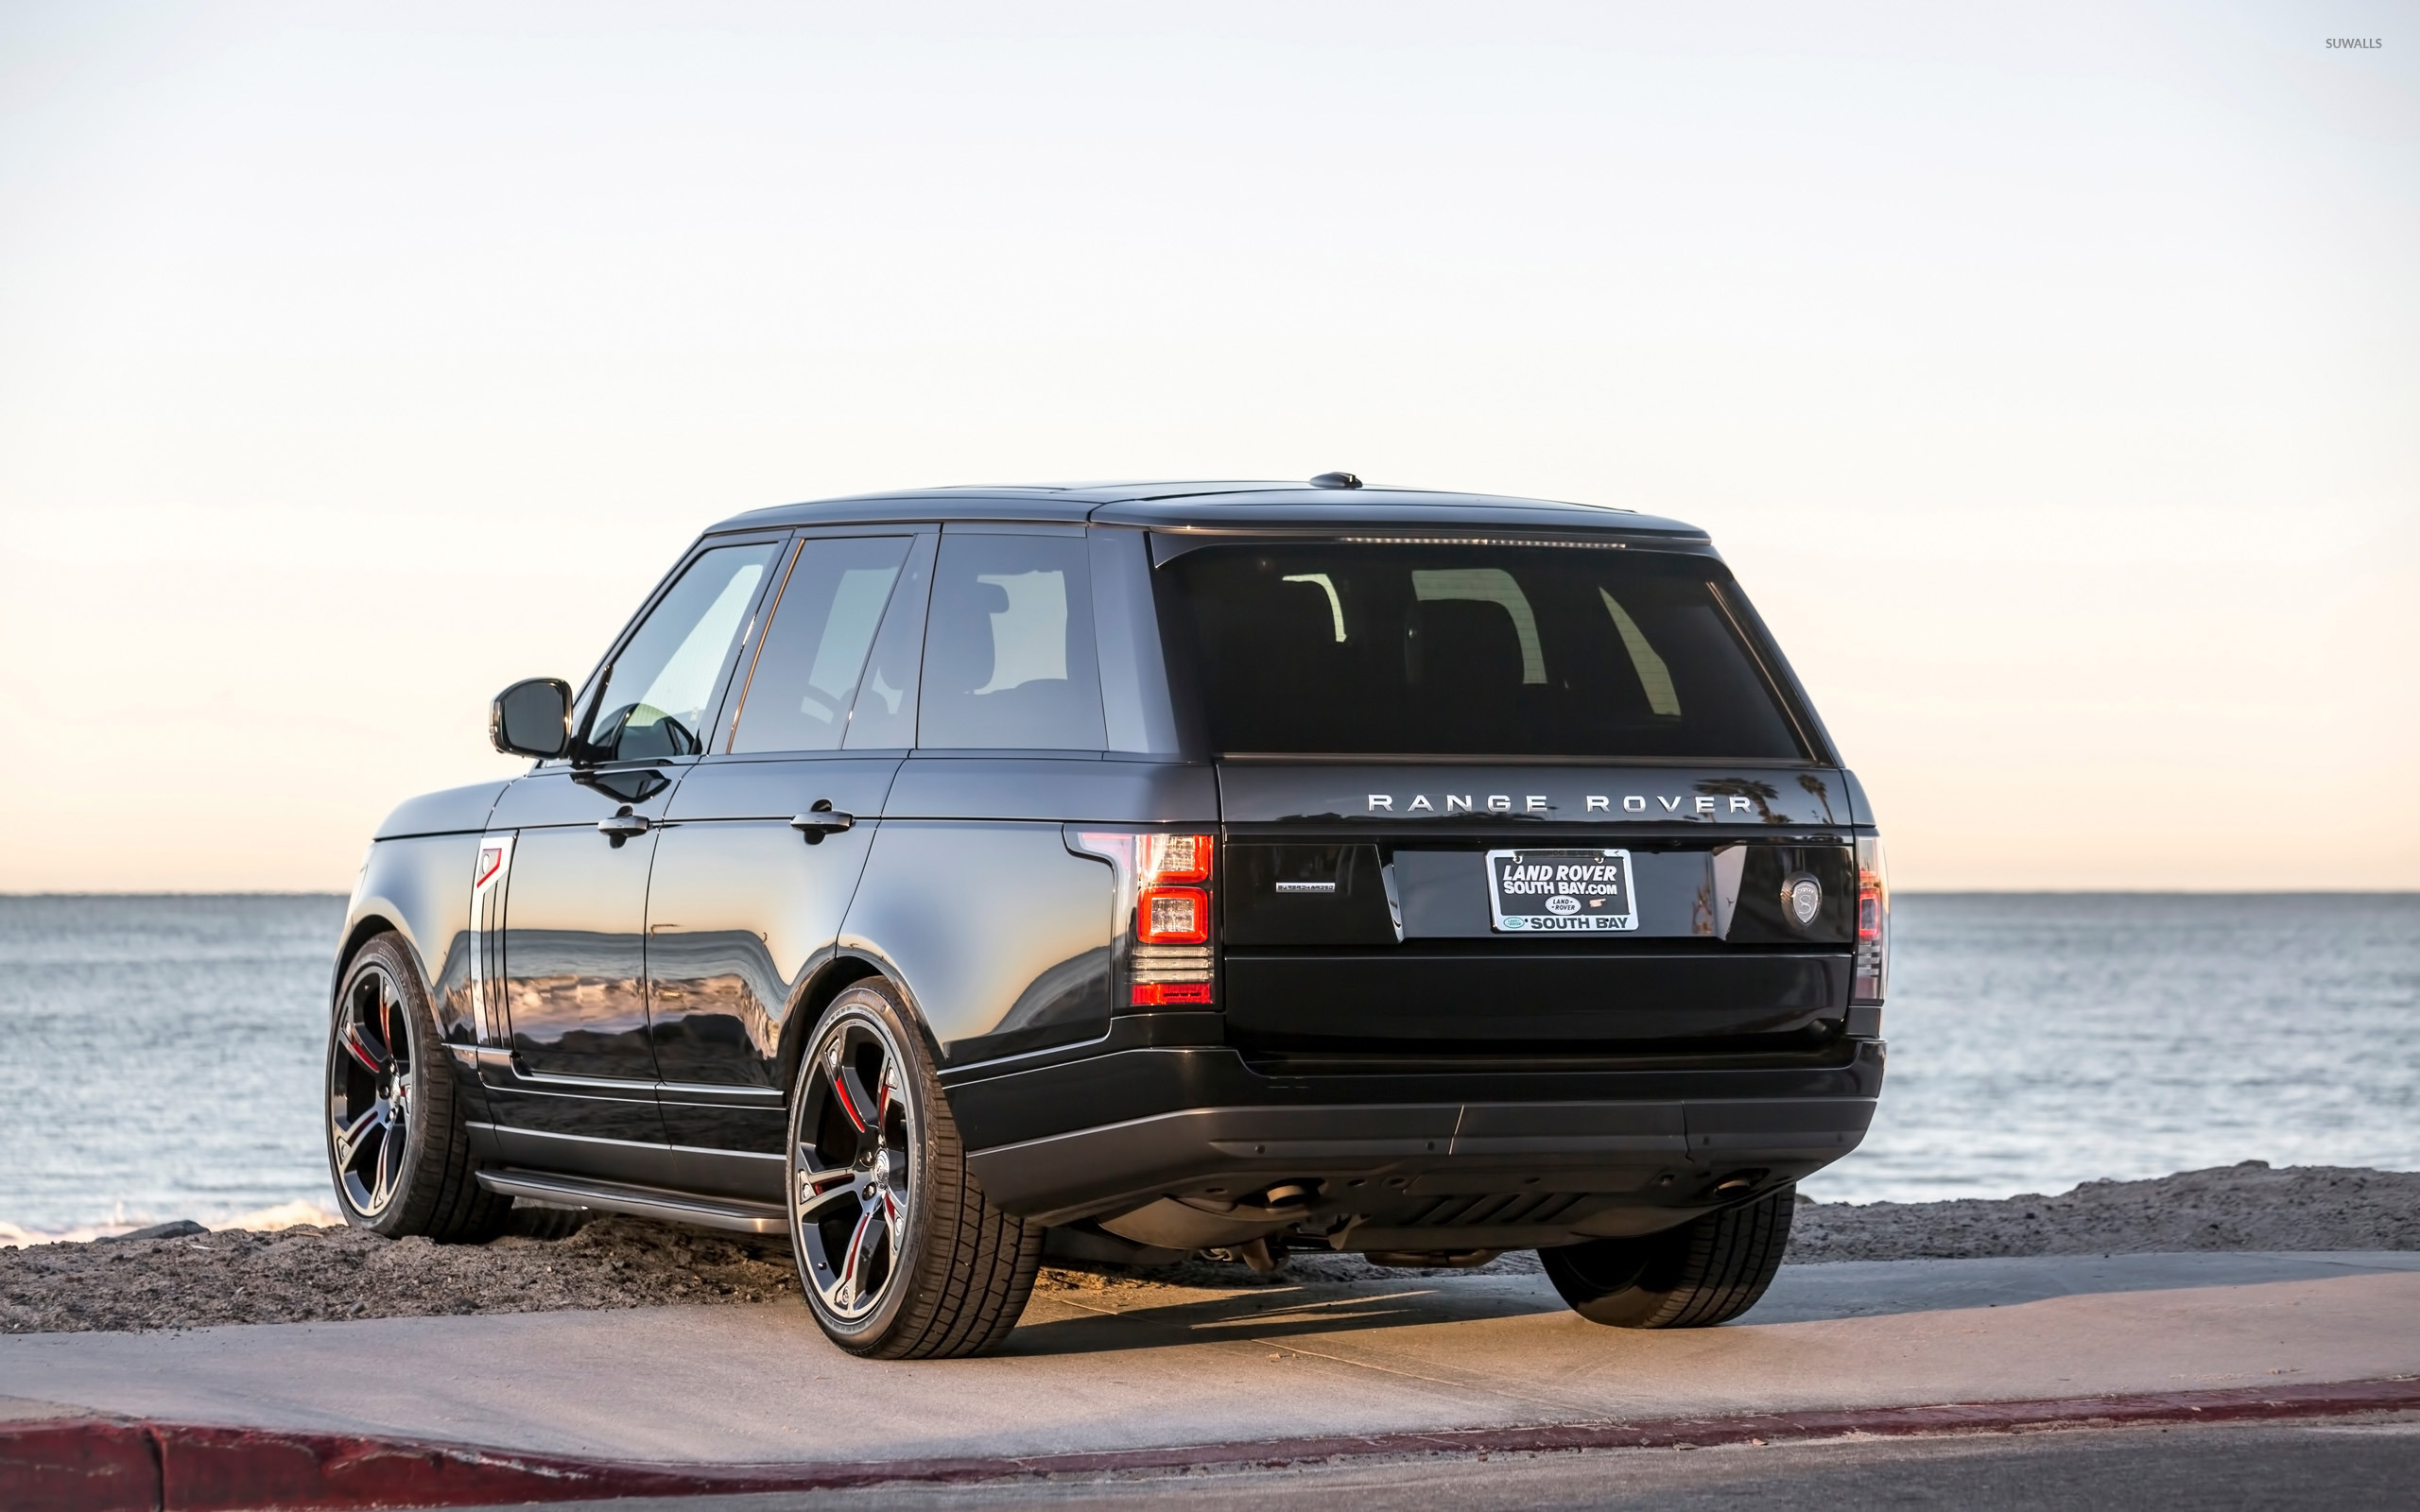 STRUT Land Rover Range Rover facing the ocean wallpaper Car